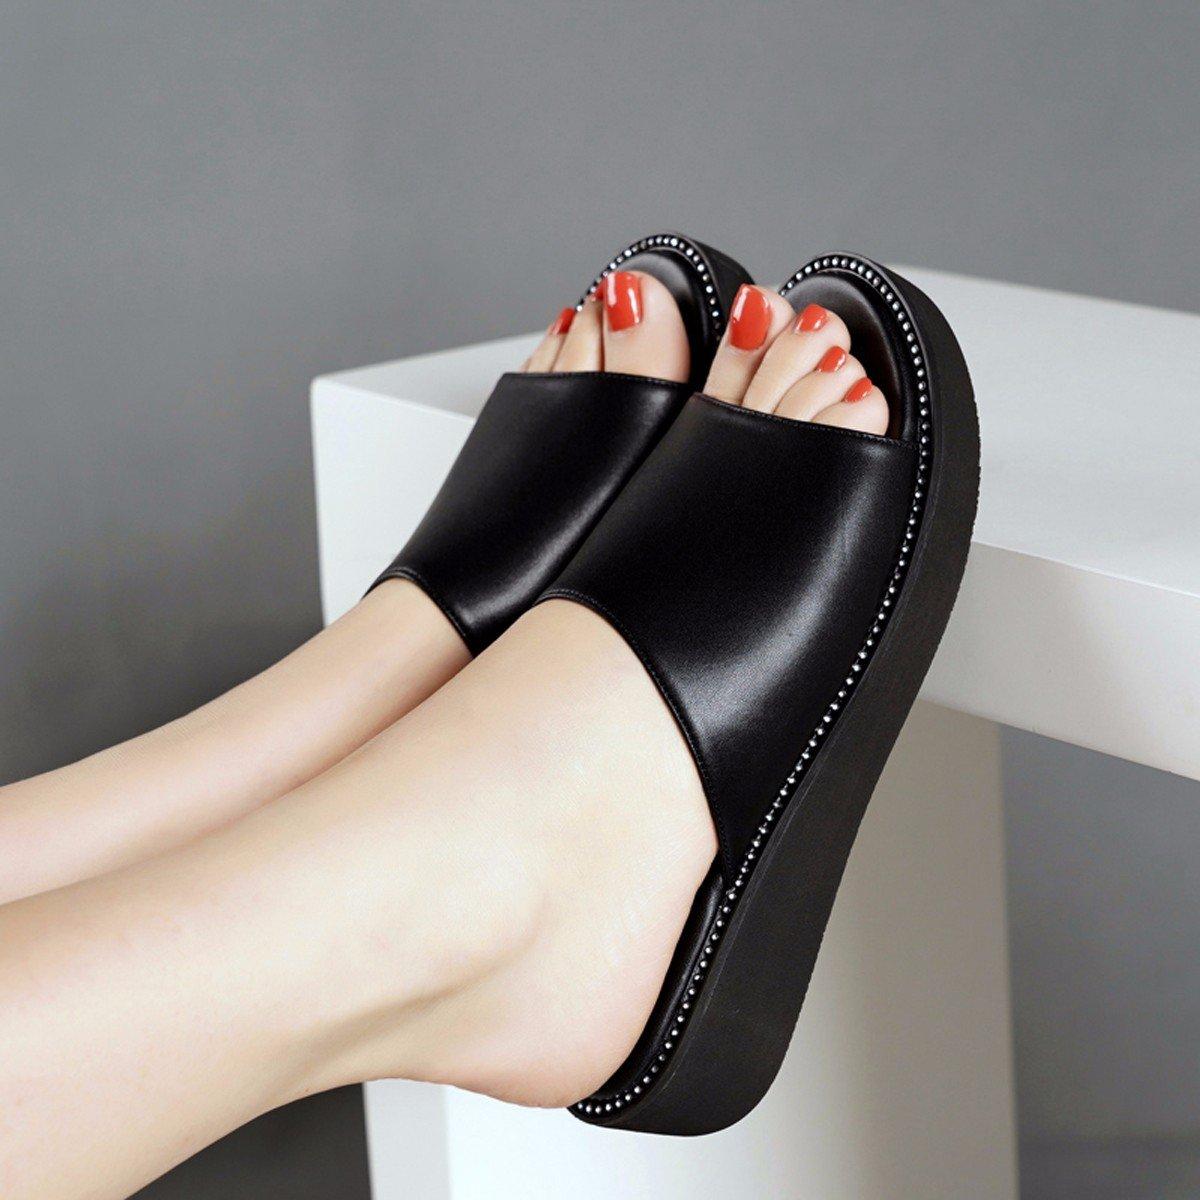 GTVERNH Mujer Zapatos/Taladro De Agua Fondo Grueso Salvaje Fondo Plano Pendiente Tacón Sandalias Zapatillas De Mujeres Verano.Cuarenta Blanco Forty white